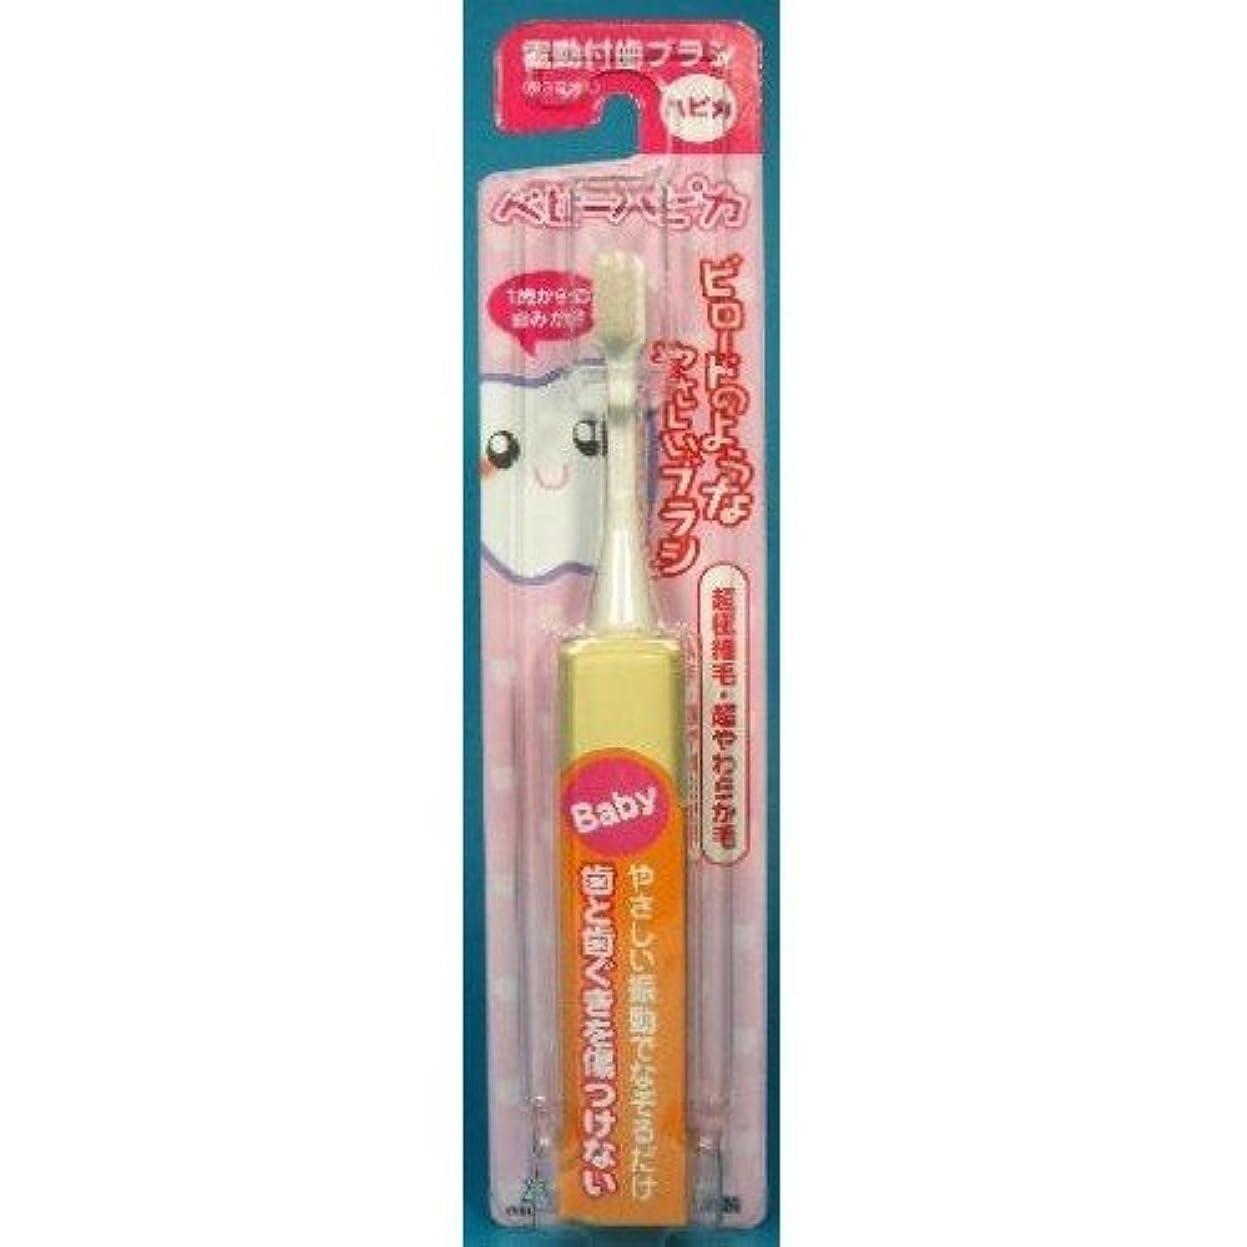 シーサイド旅取り囲むミニマム 電動付歯ブラシ ベビーハピカ イエロー 毛の硬さ:超やわらかめ DBB-1Y(BP)